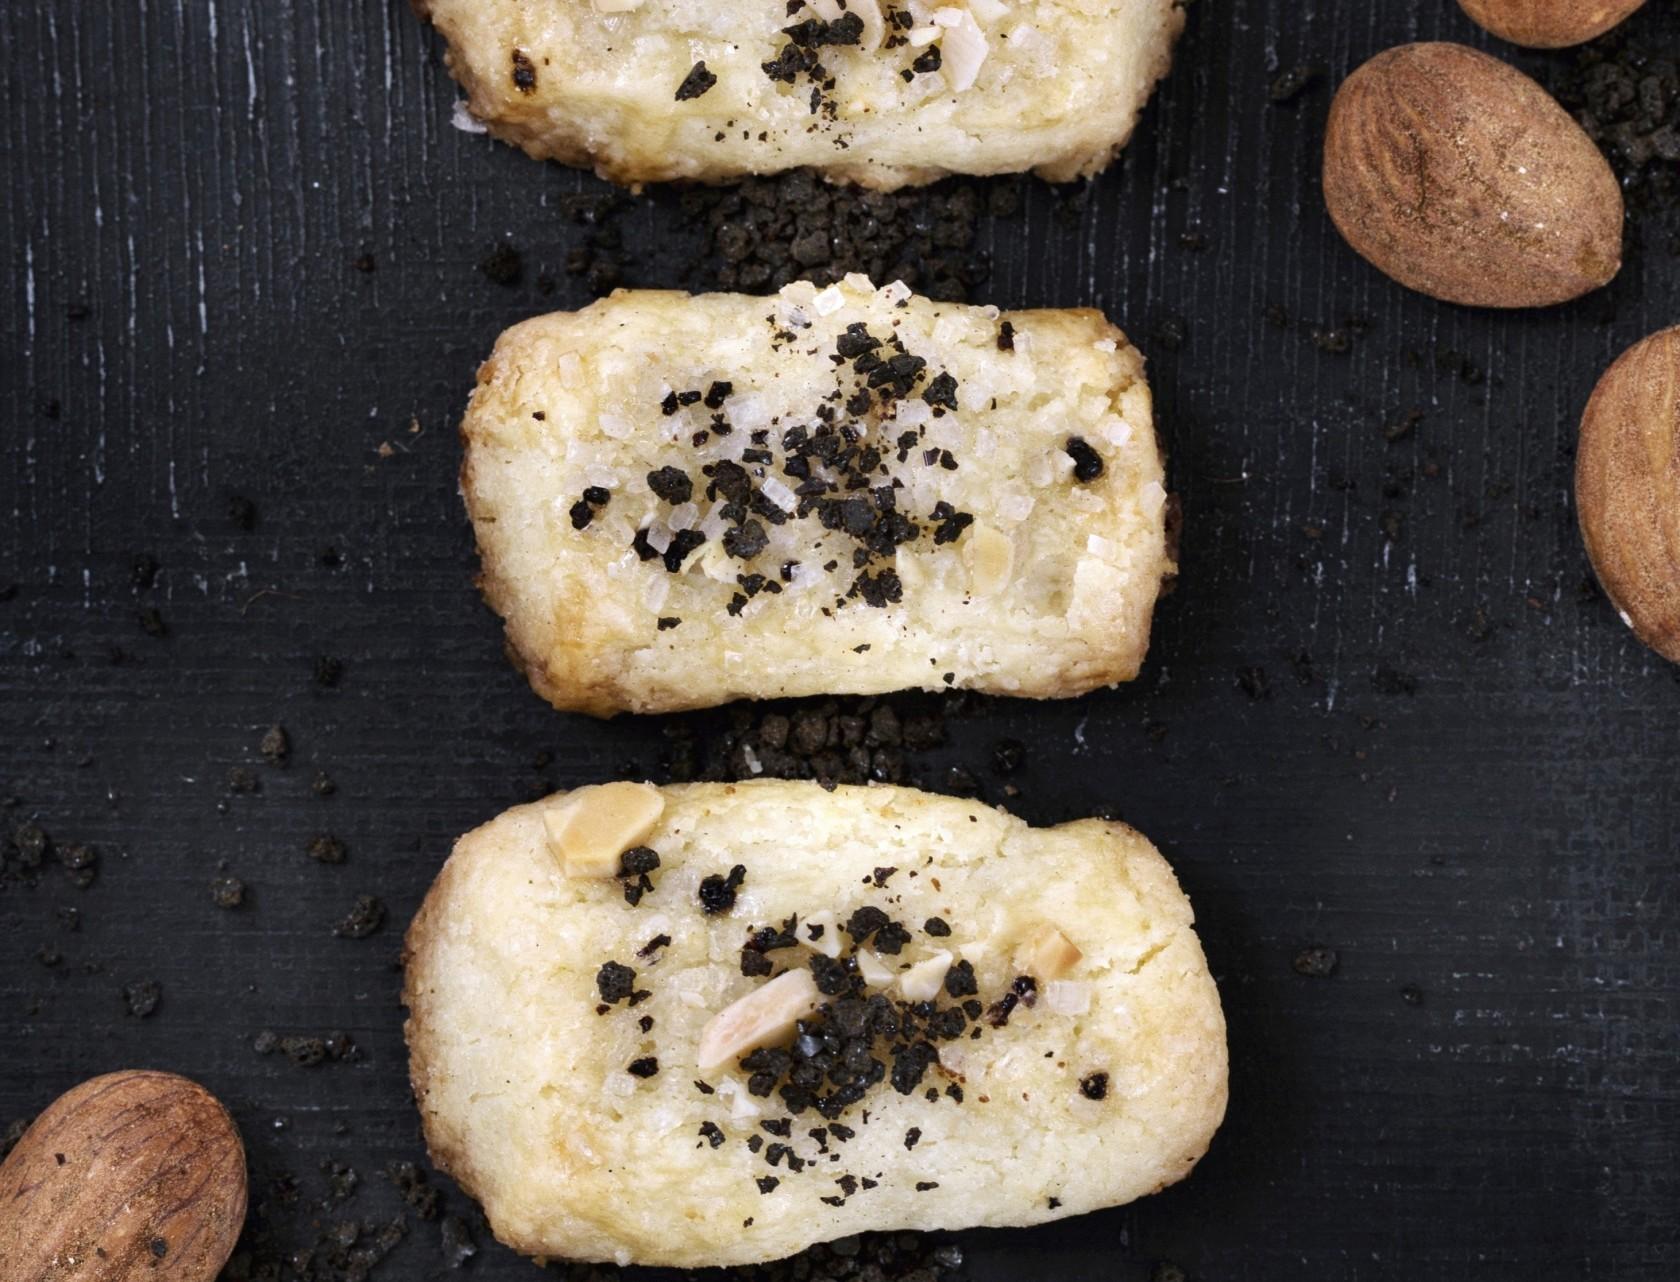 Finskbrød med lakrids - lækker opskrift på traditionel julesmåkage med et tvist.